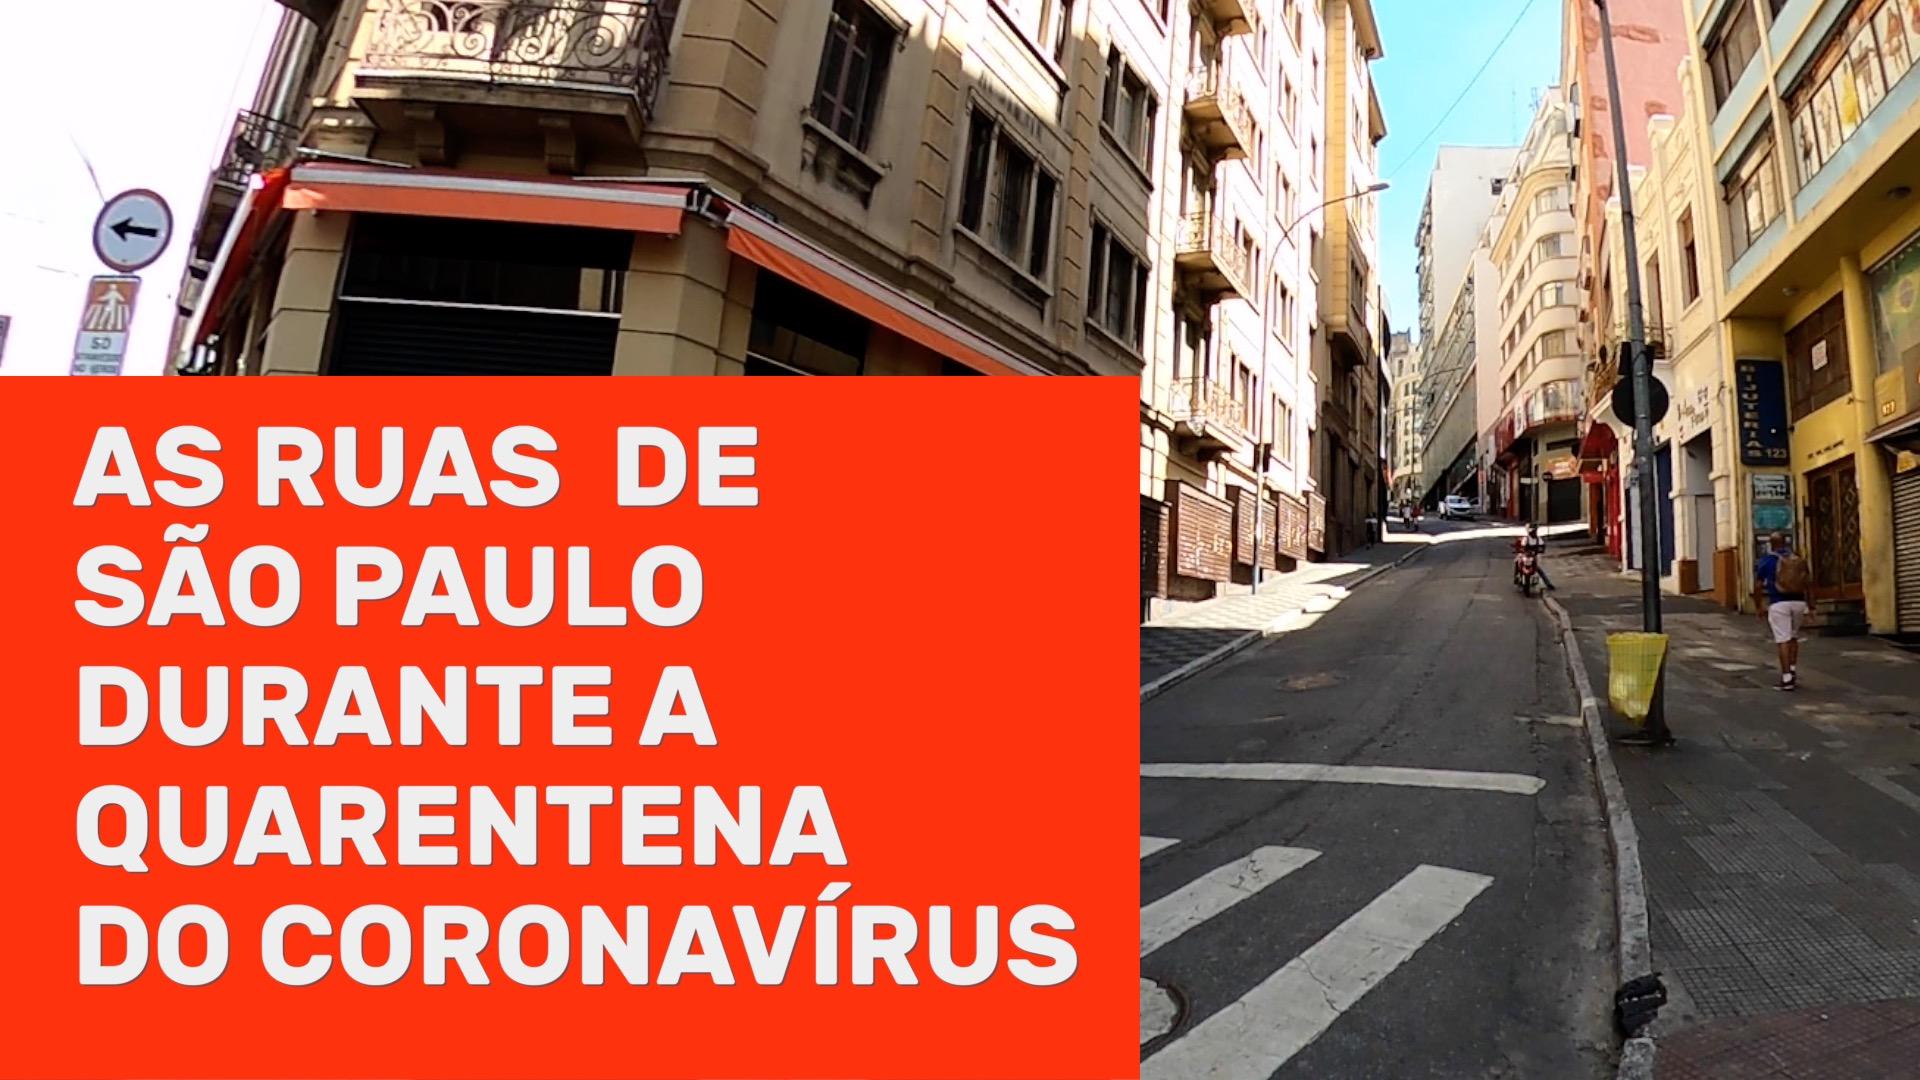 As ruas de São Paulo durante a pandemia de coronavírus